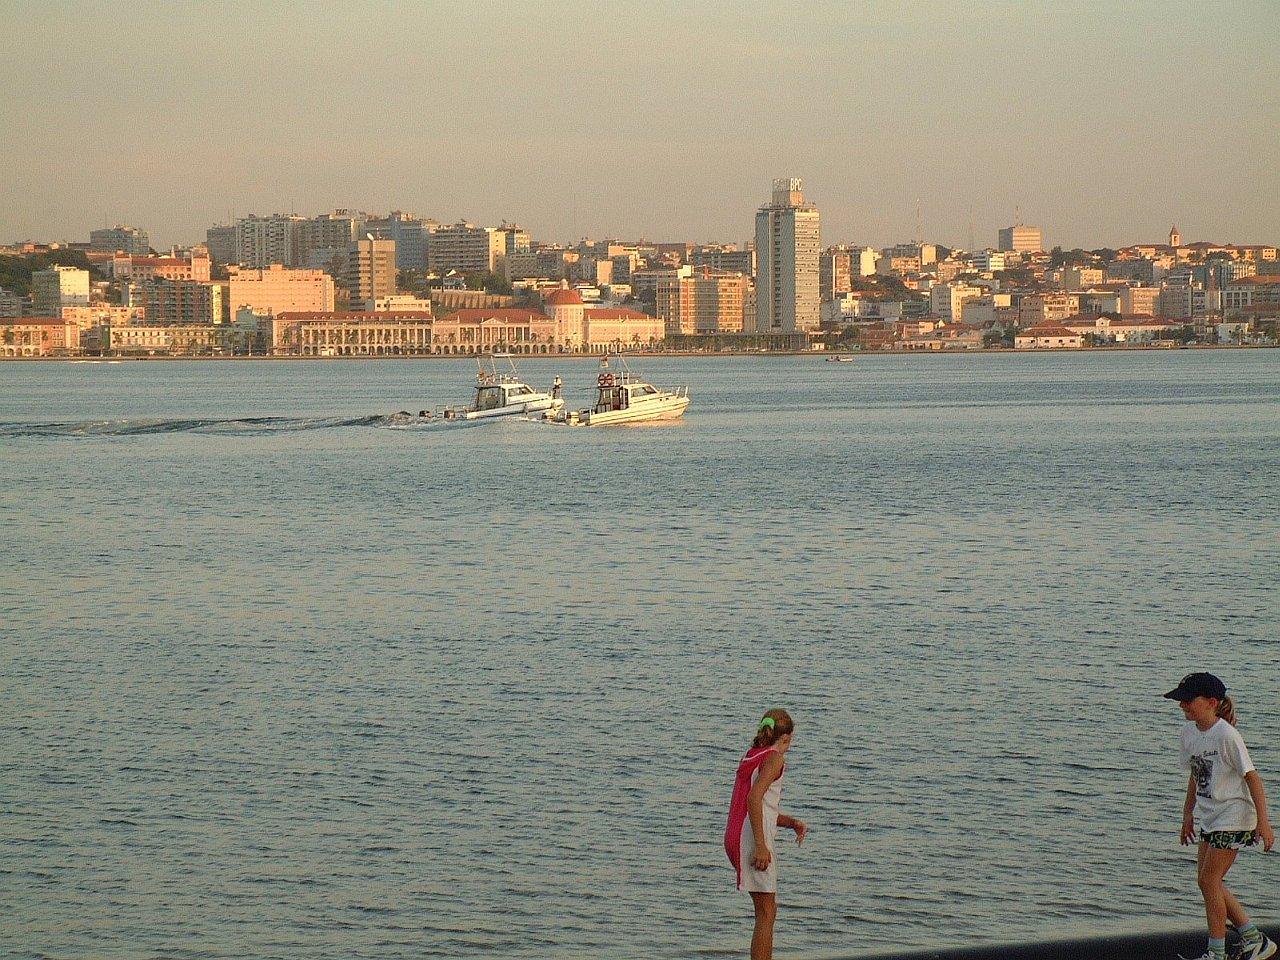 Luanda dating site